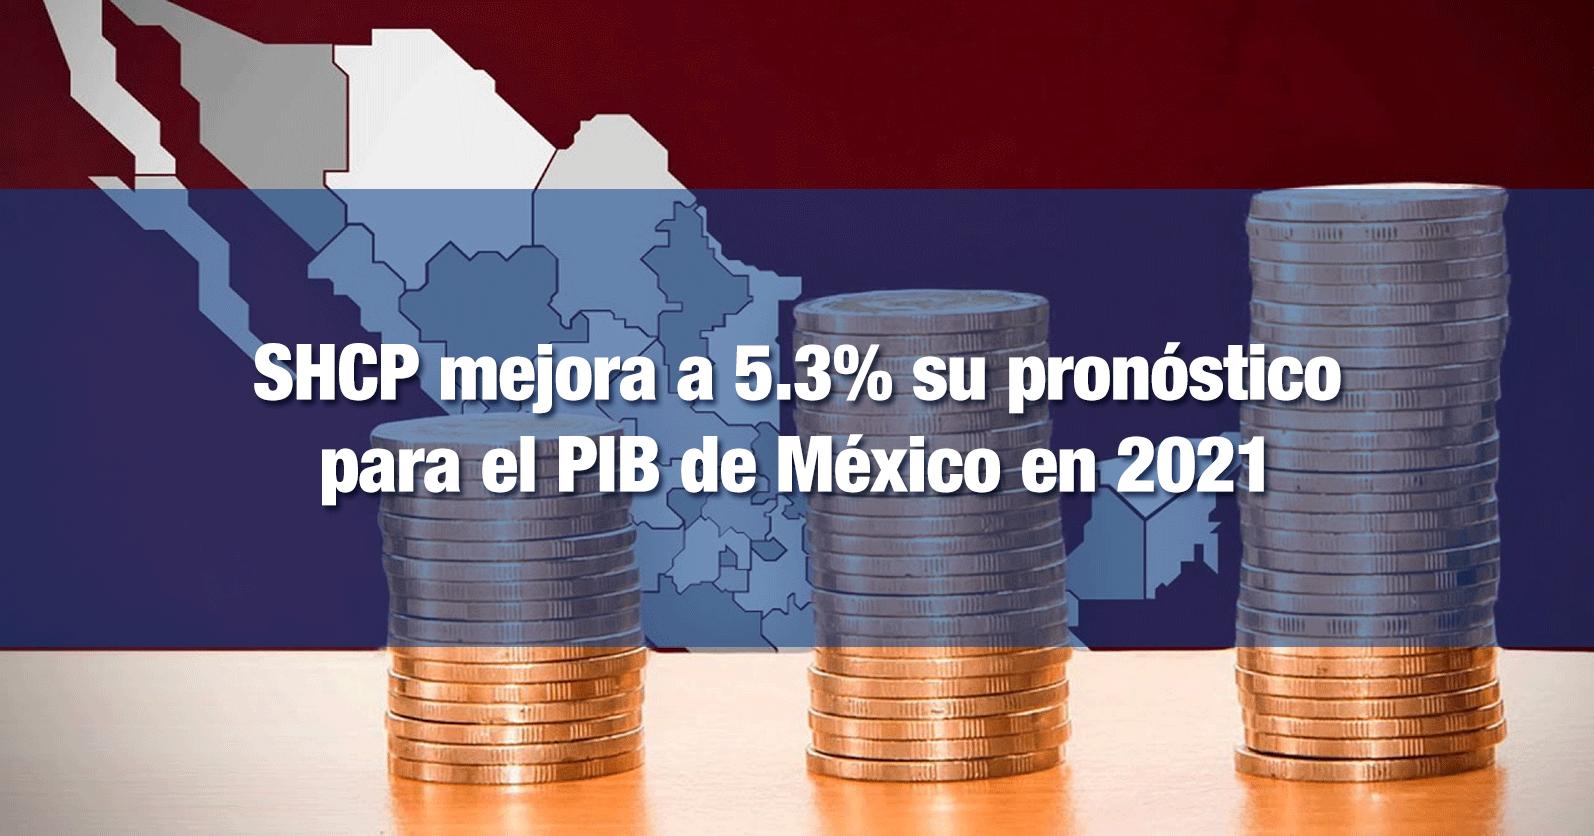 SHCP mejora a 5.3% su pronóstico para el PIB de México en 2021